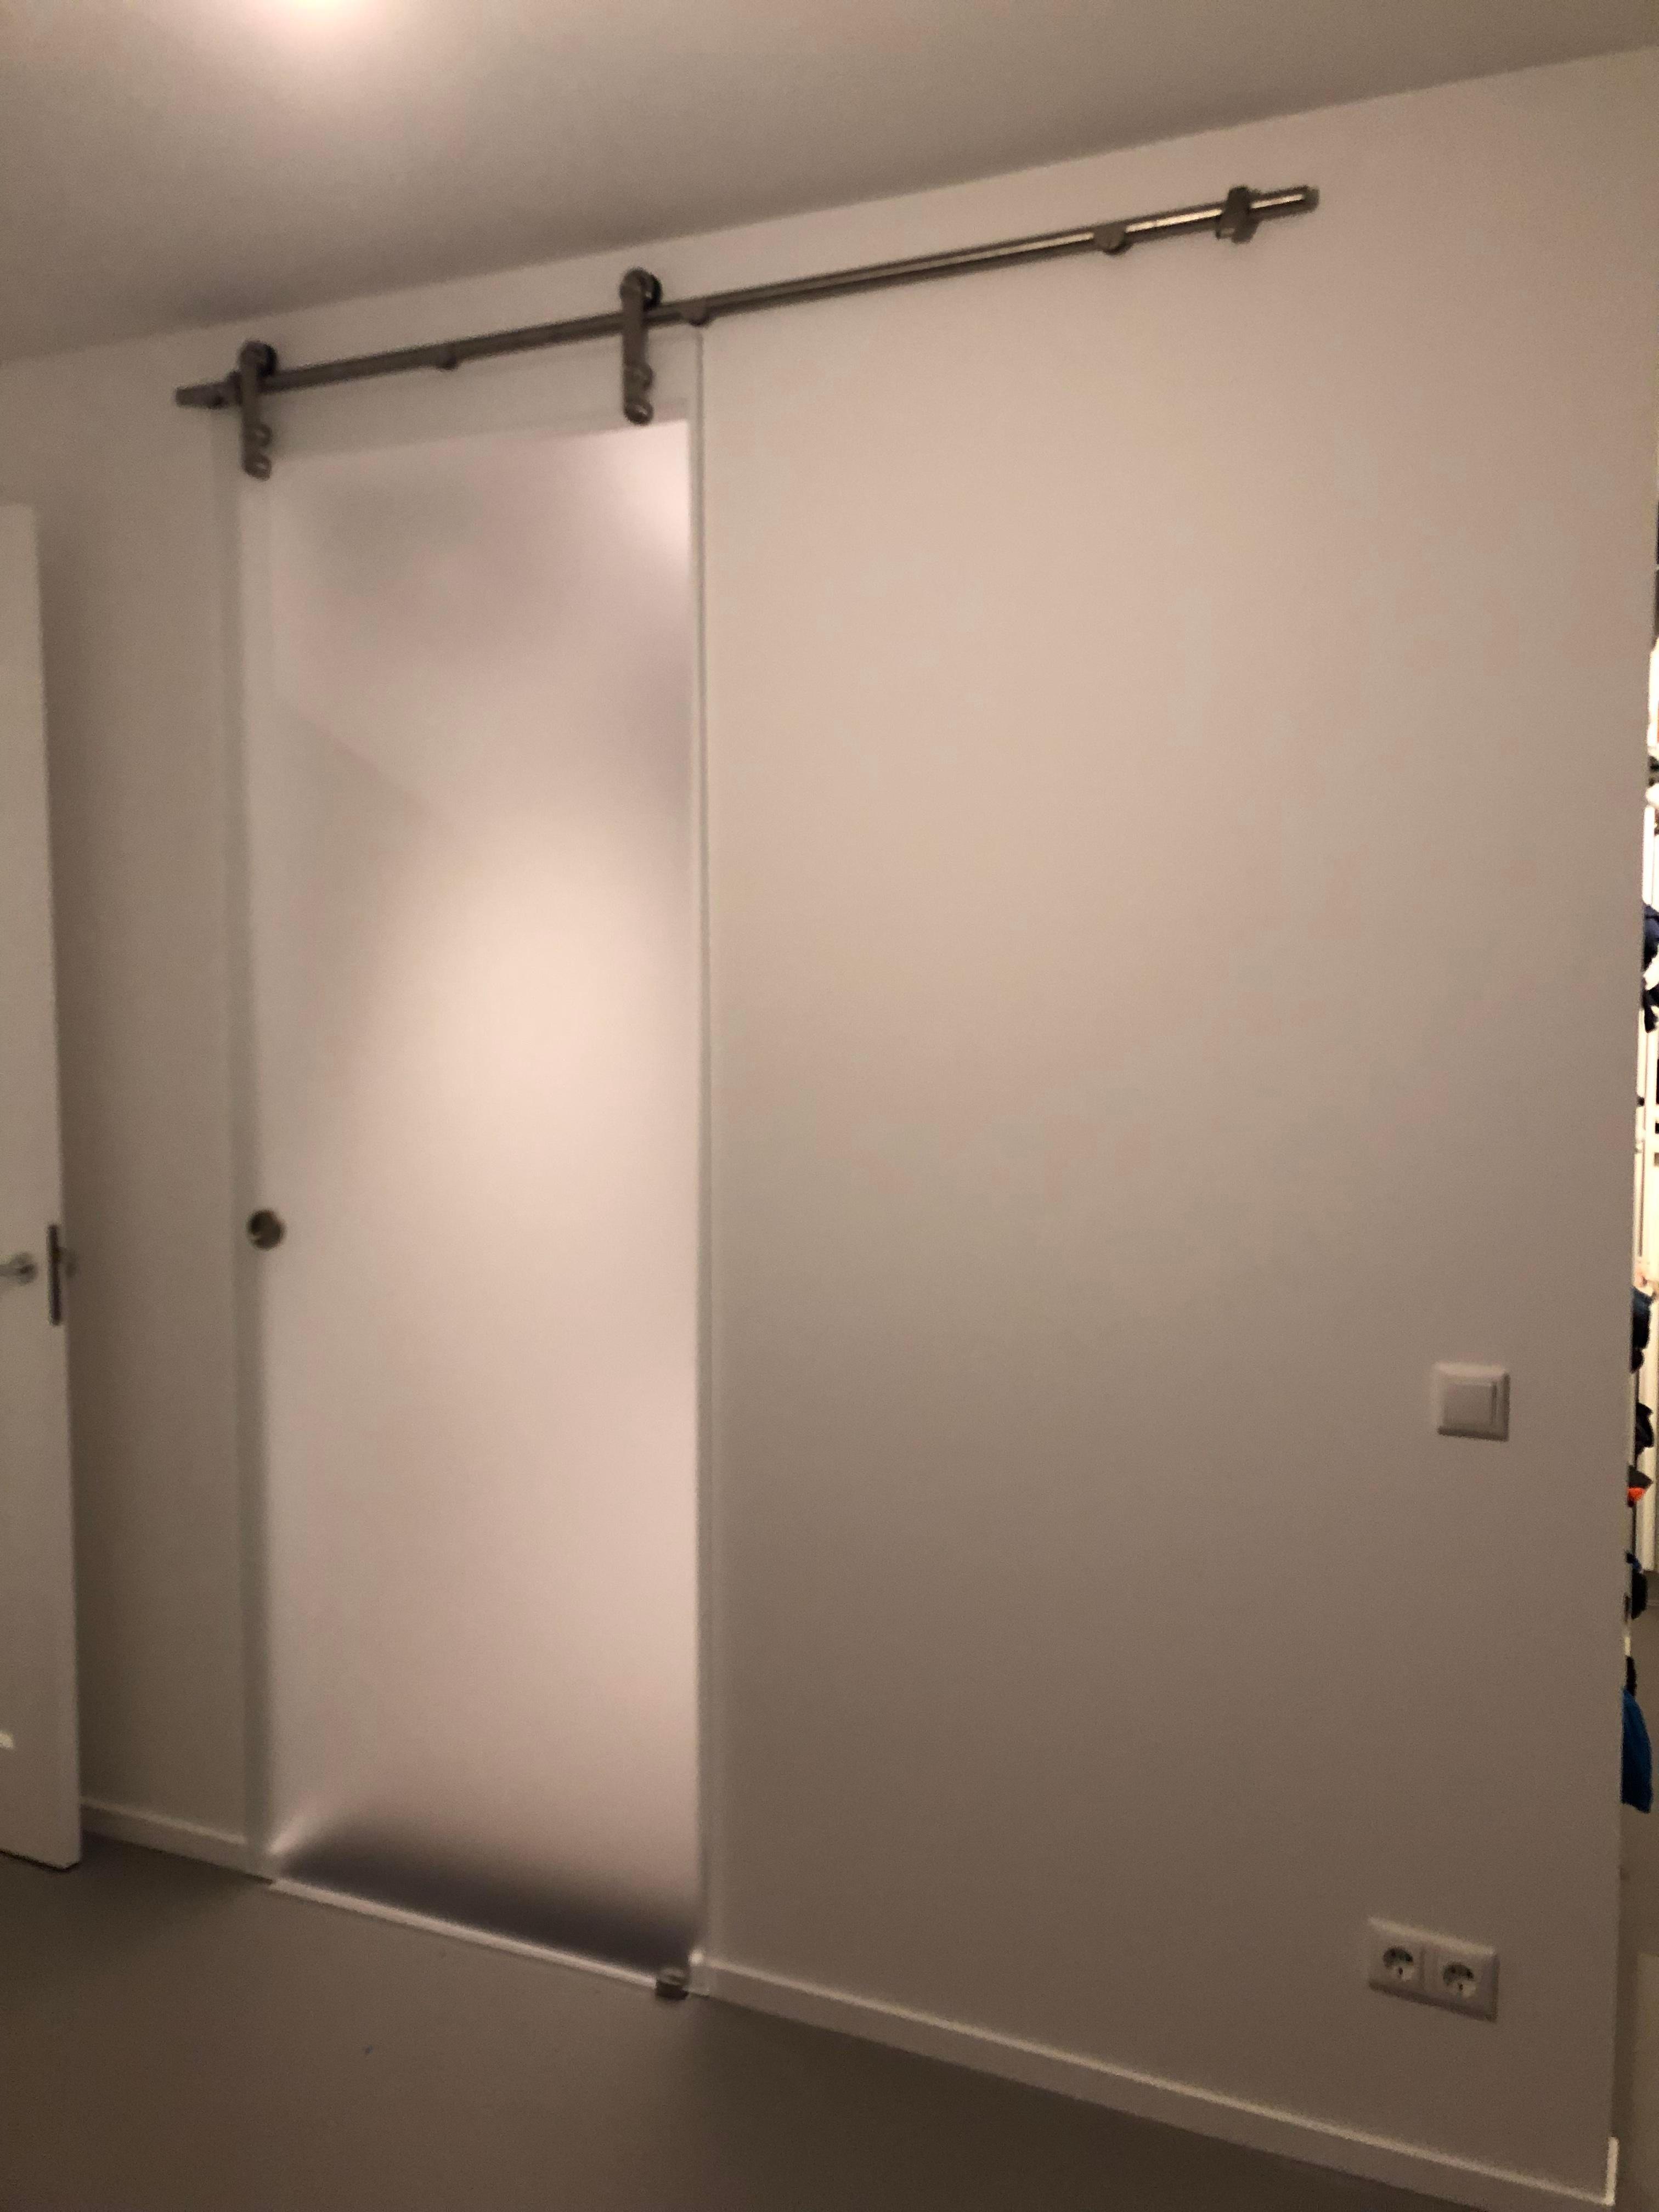 Zweefdeurkast Met Melkglas.Een Badkamer Afsluiten Met Een Glazen Schuifdeur Denk Dan Eens Aan